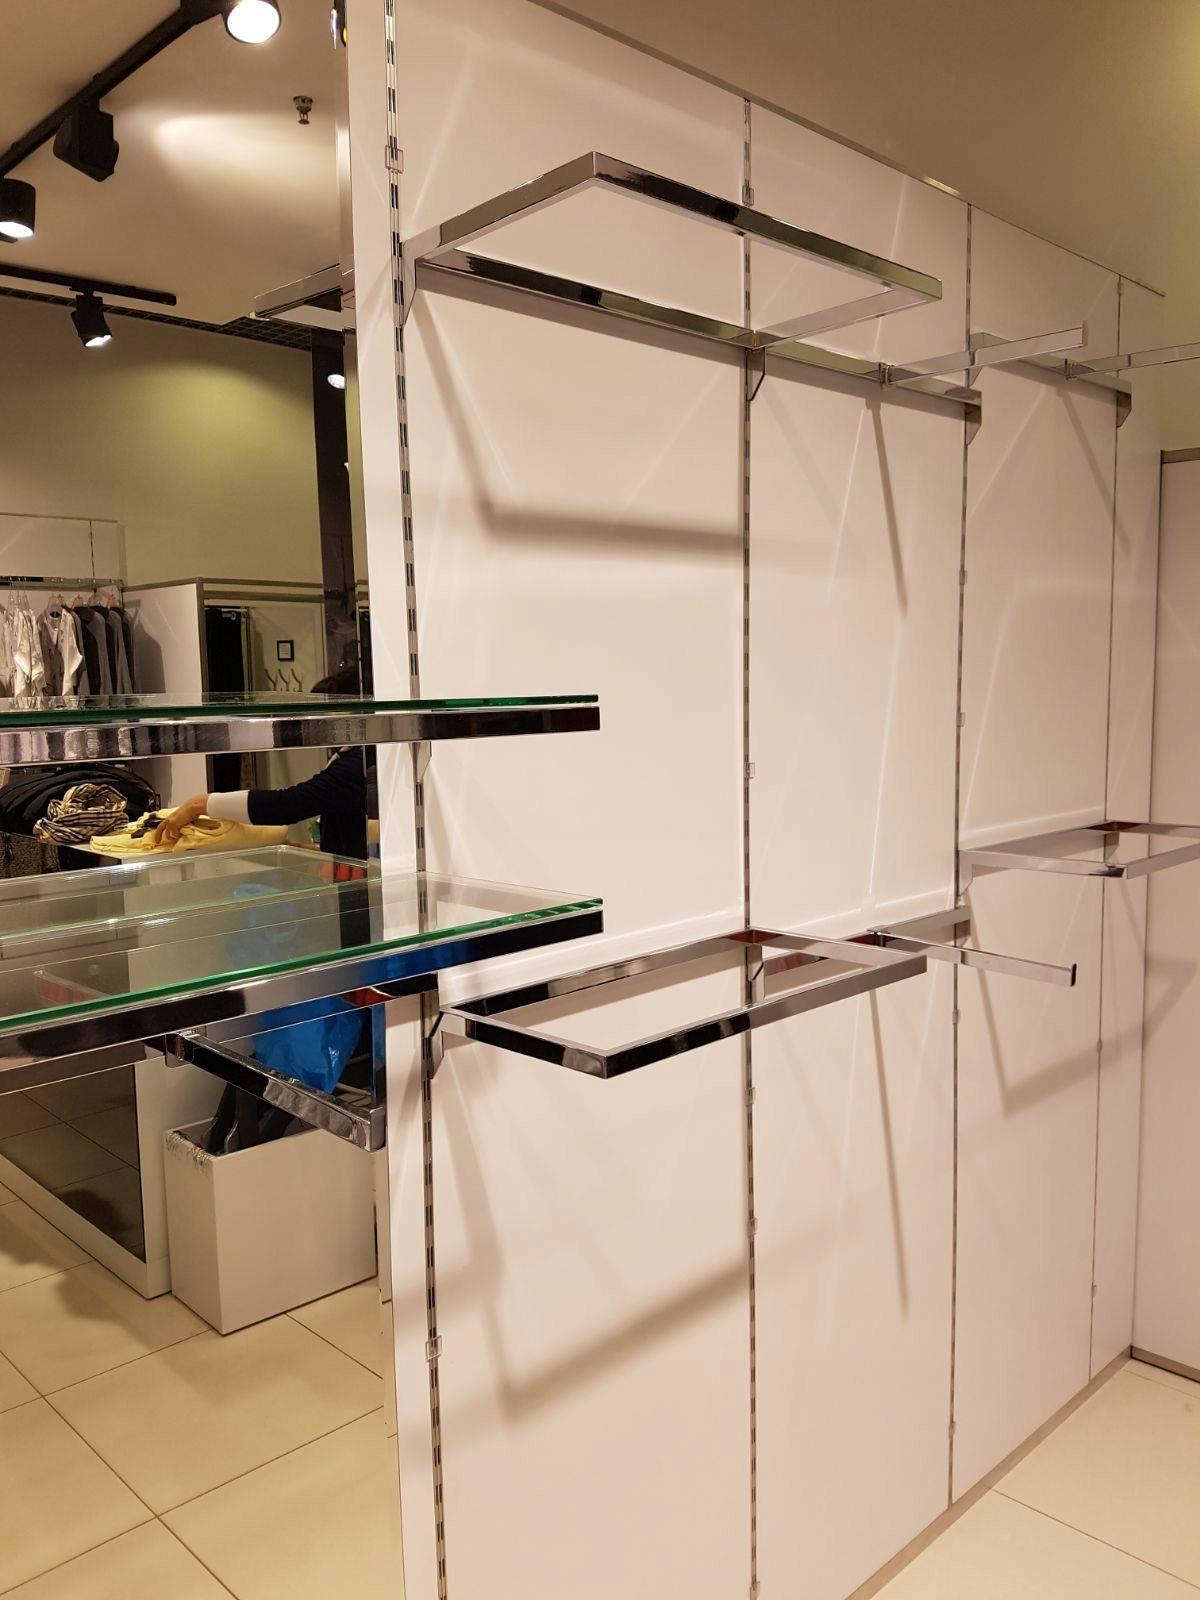 Wspaniały meble,wyposażenie sklepu odzieżowego - 7455437932 - oficjalne JE31